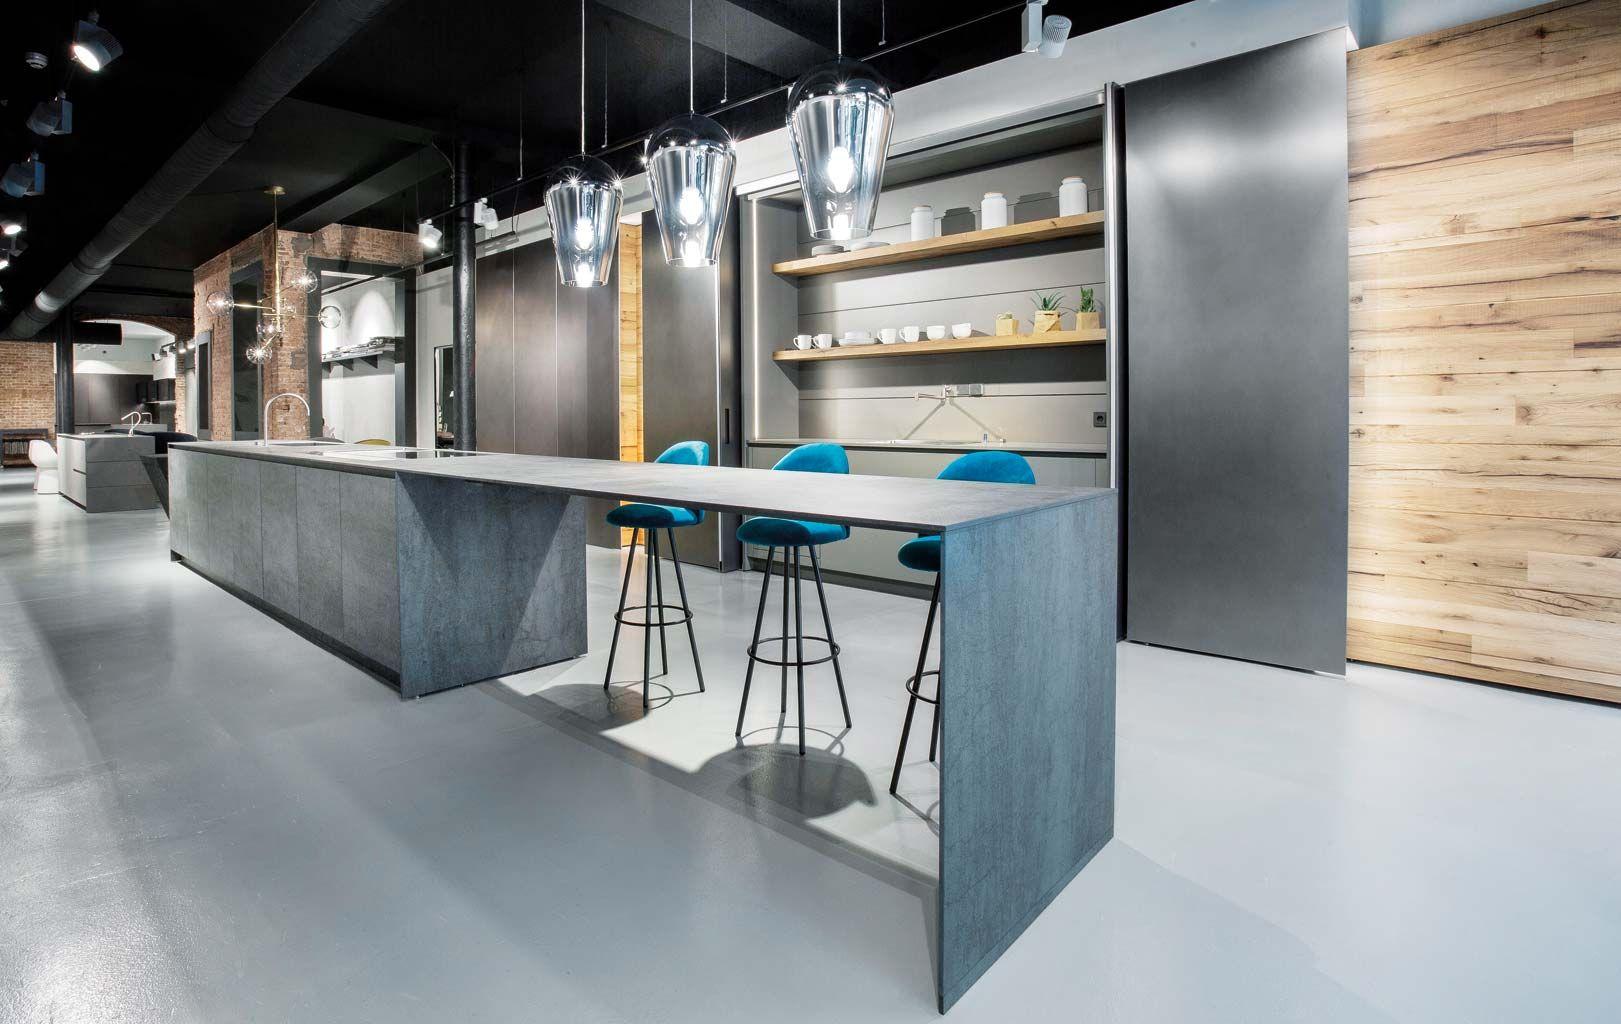 Atractivo Cocina Y Baño De Centro De Diseño De Tilo Nj Ilustración ...